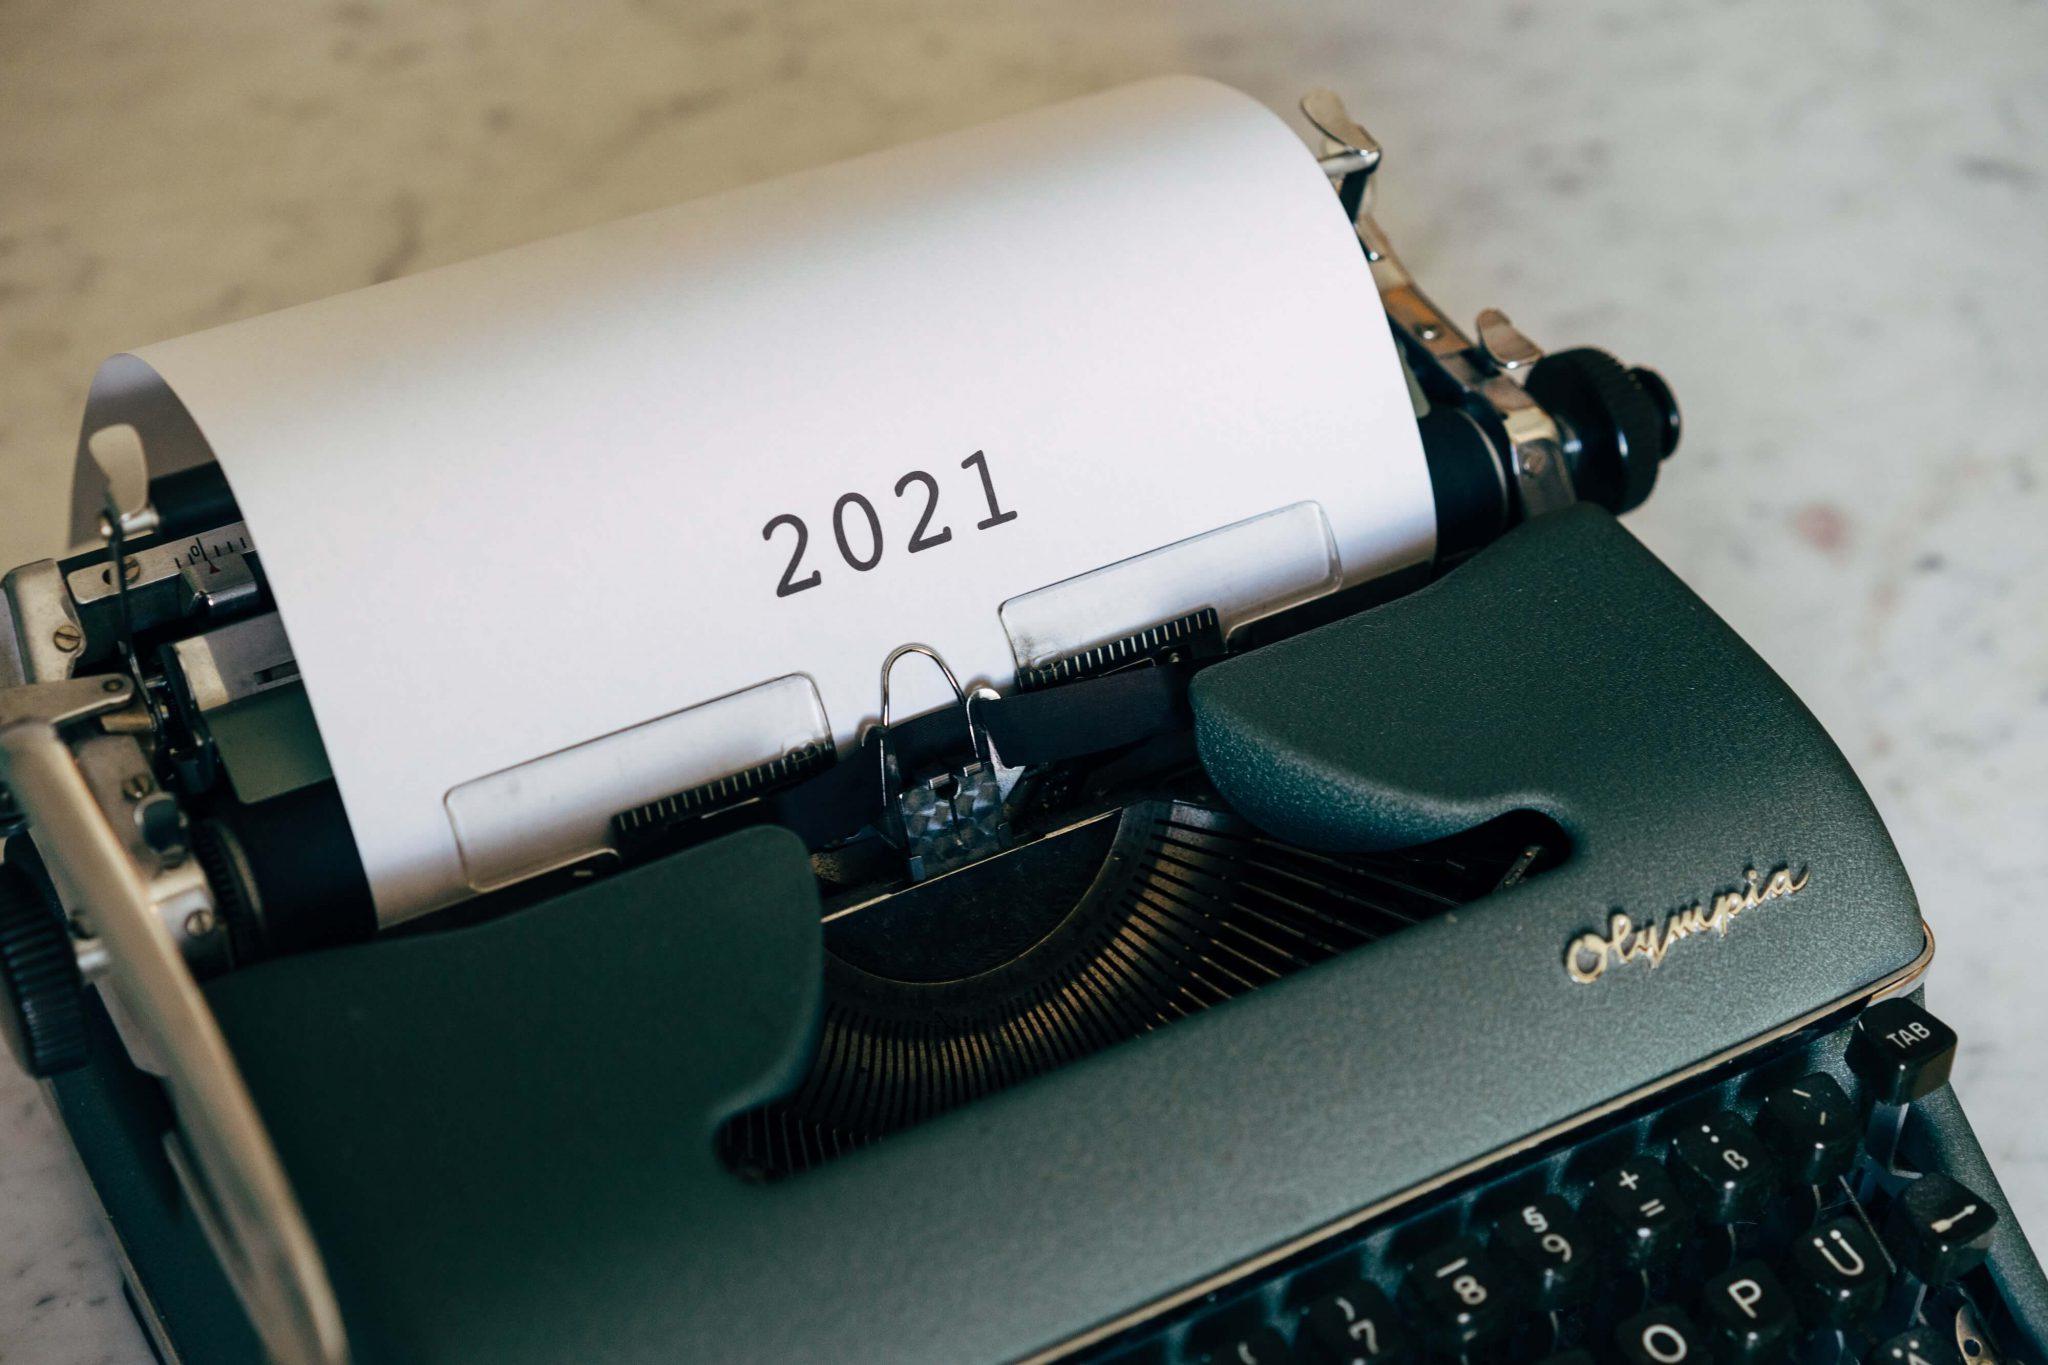 מה הפוקוס לשנת 2021? מהם המיקודים העסקיים לשנה הזו? במה כדאי להשקיע עסקית?